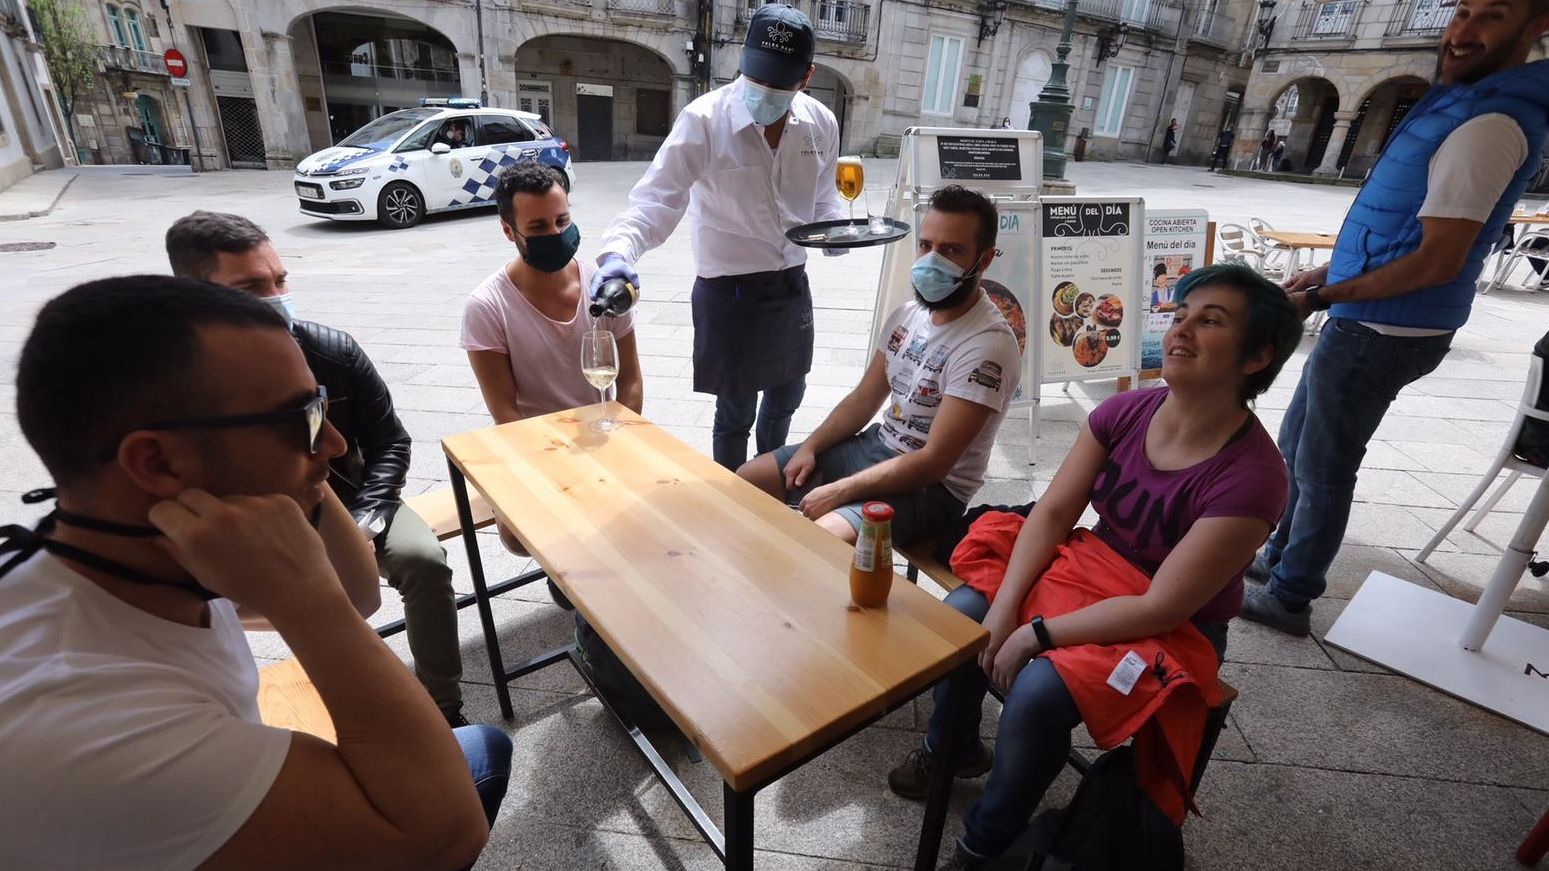 La desescalada llega también a Samil.Terraza abierto en la plaza de la Constitución en Vigo